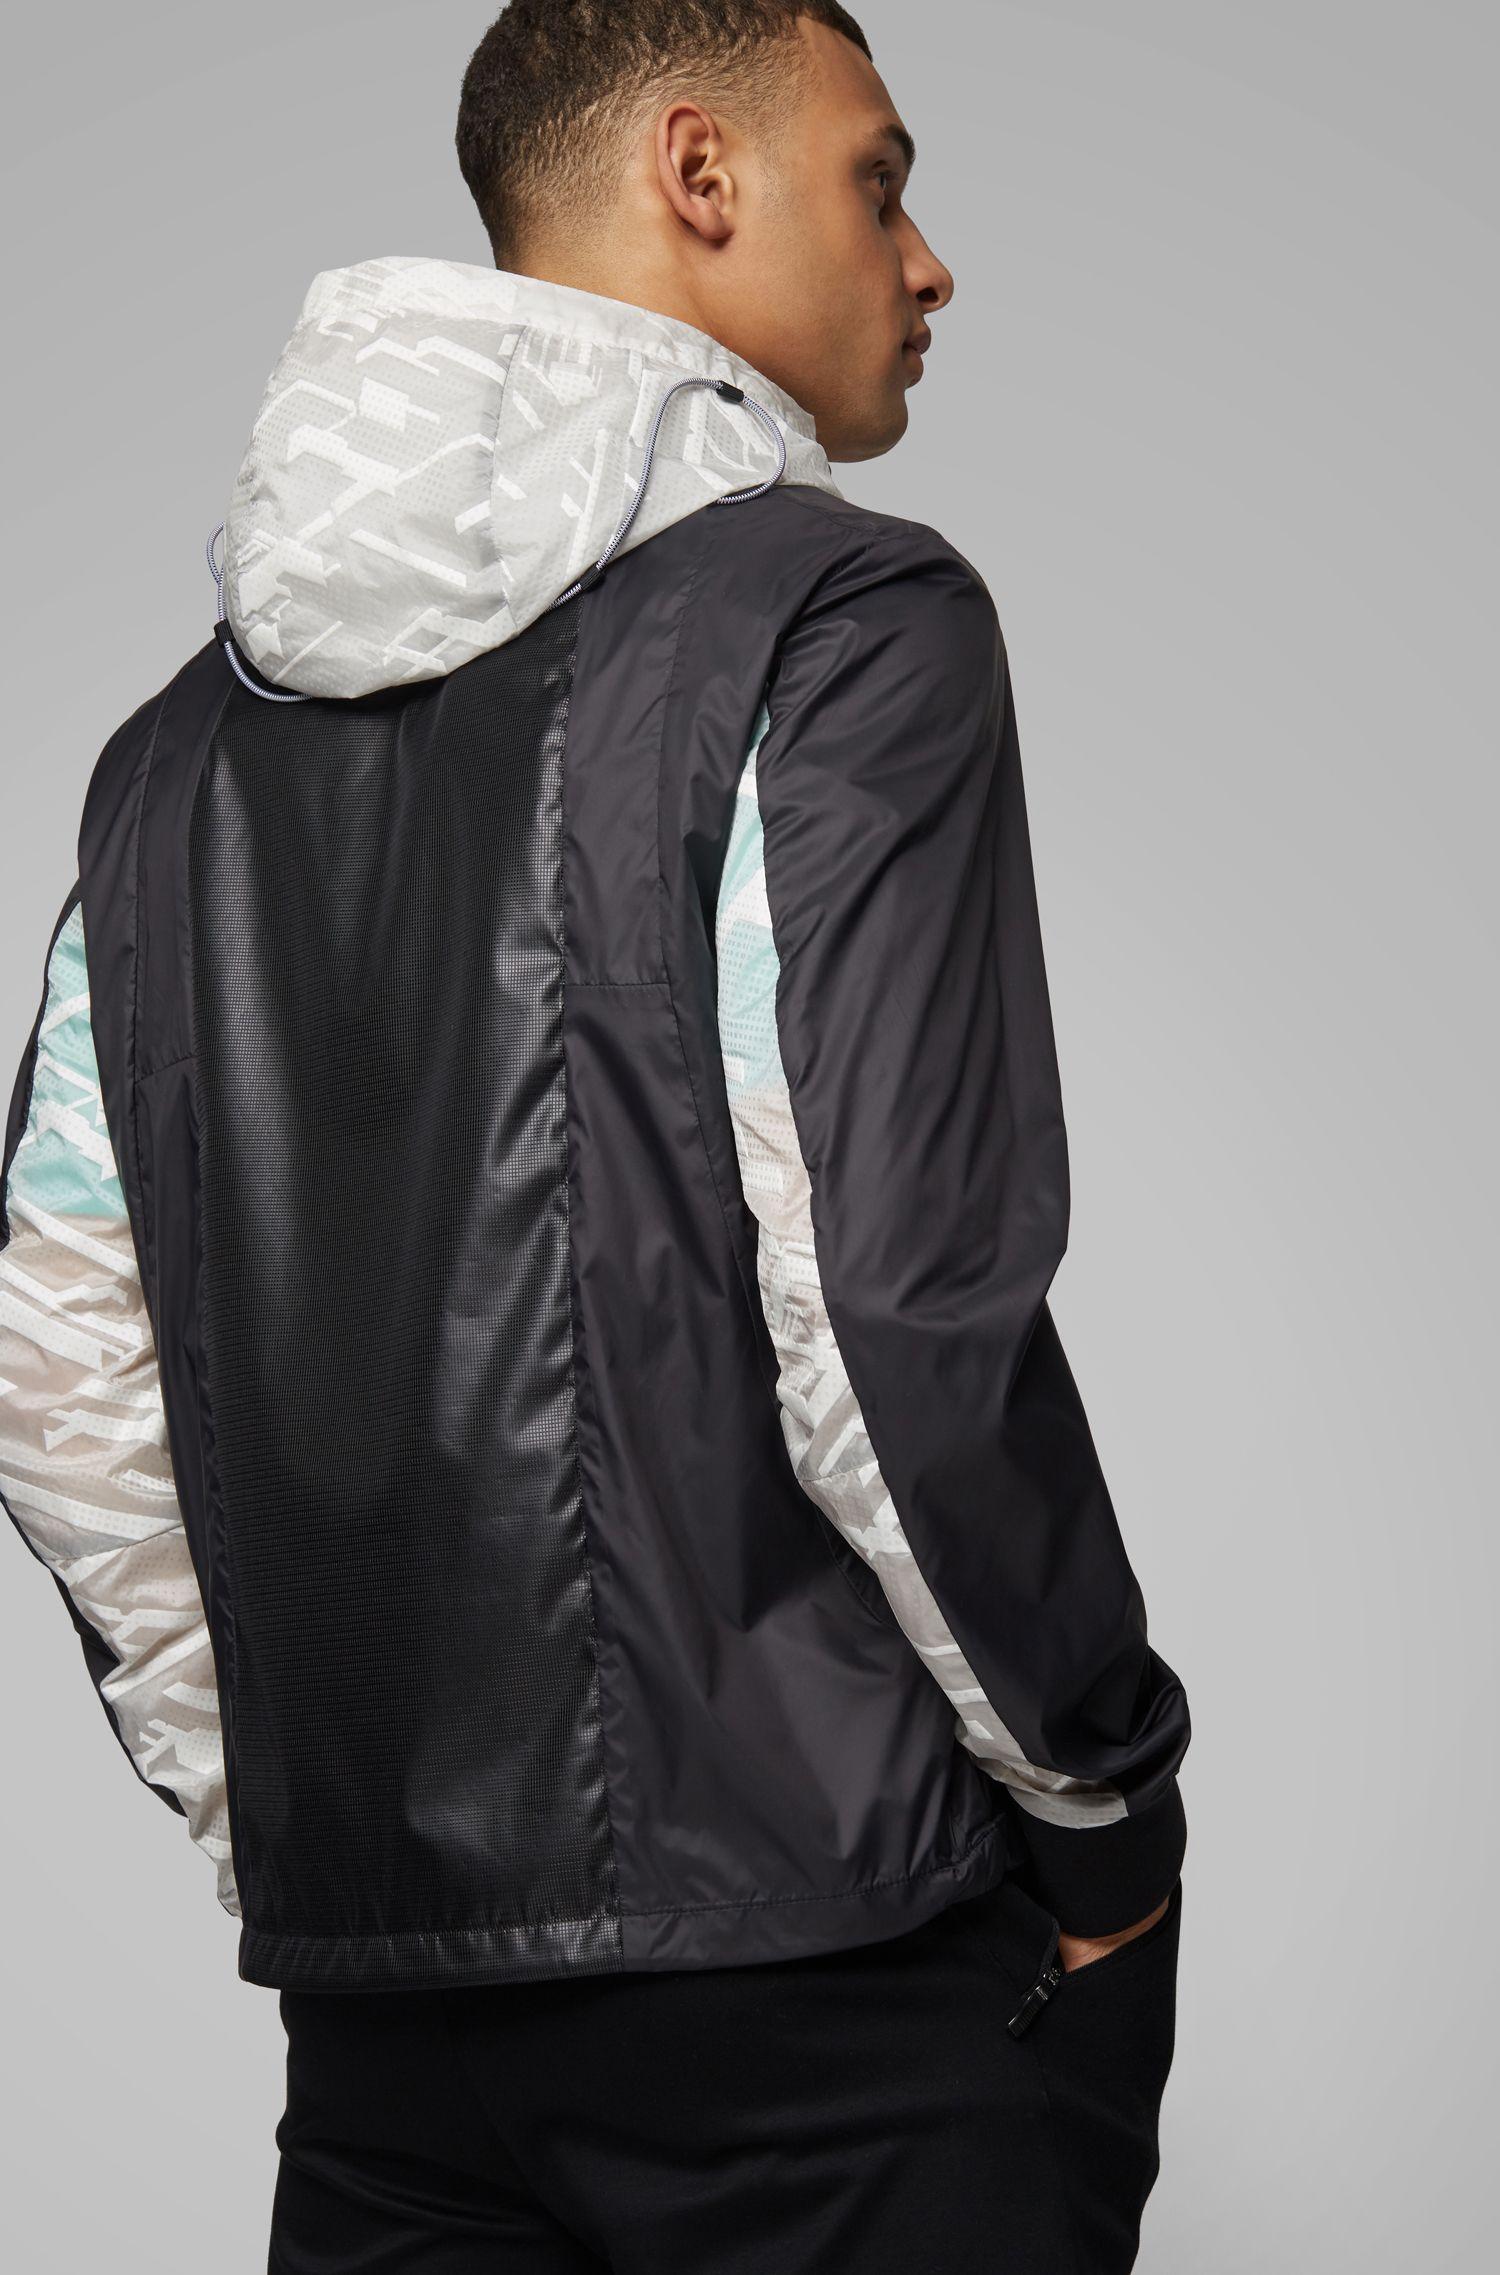 Water-repellent half-zip jacket with seasonal motif, Black